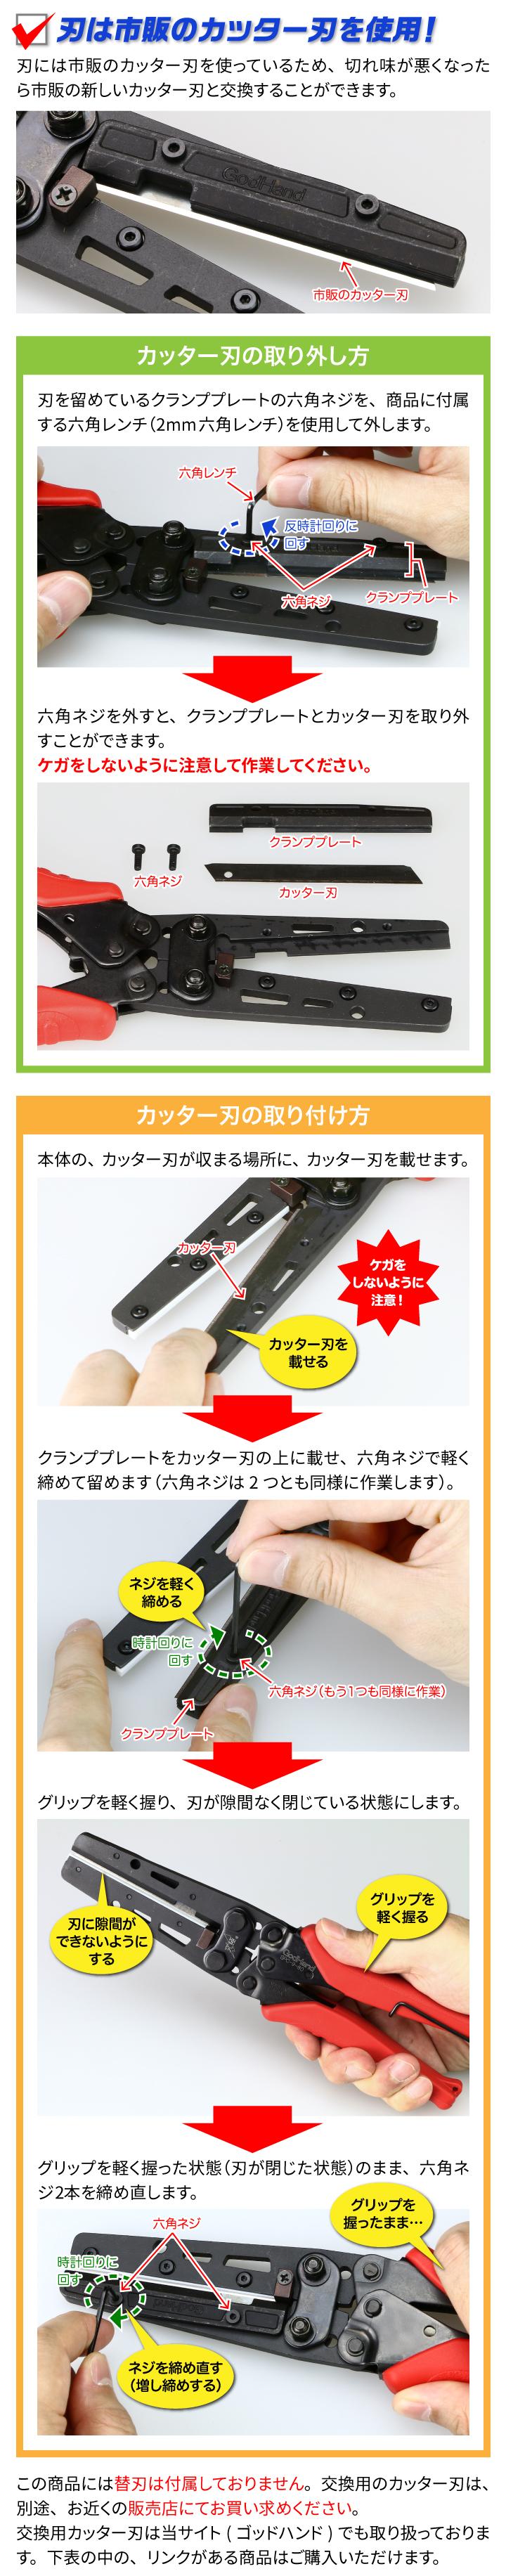 刃は市販のカッター刃を使用!